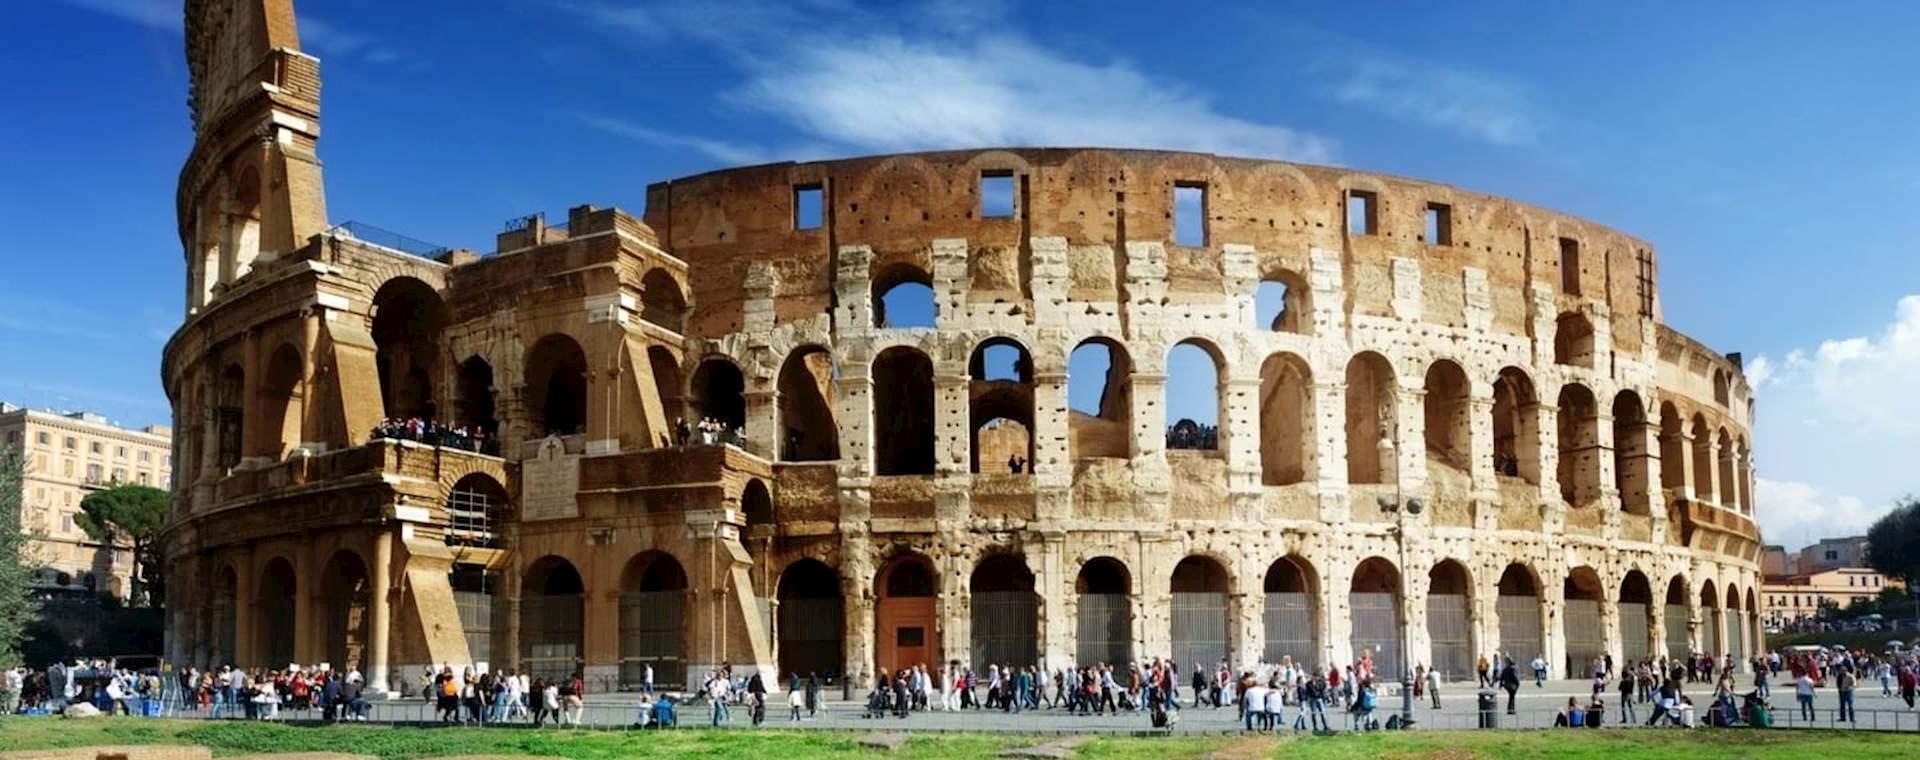 Tour del Colosseo con Foro Romano e Palatino in lingua italiana